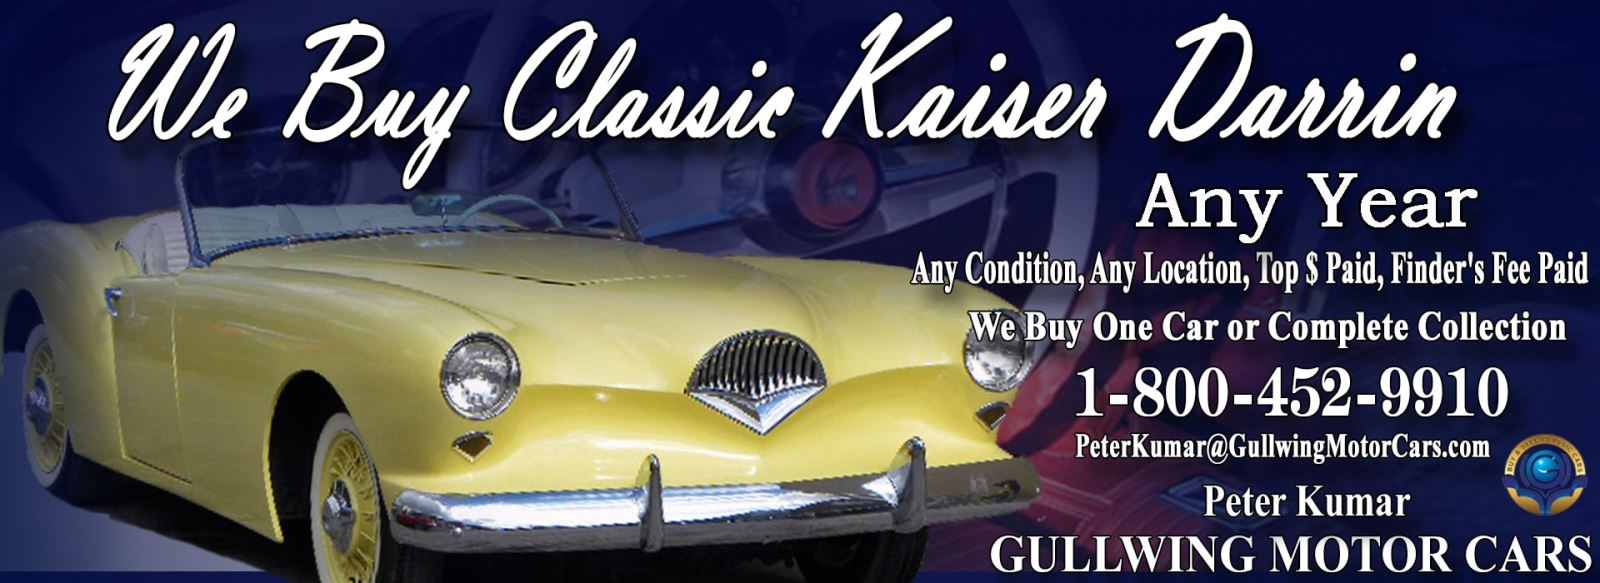 Classic Kaiser Darrin for sale, we buy vintage Kaiser Darrin. Call Peter Kumar. Gullwing Motor